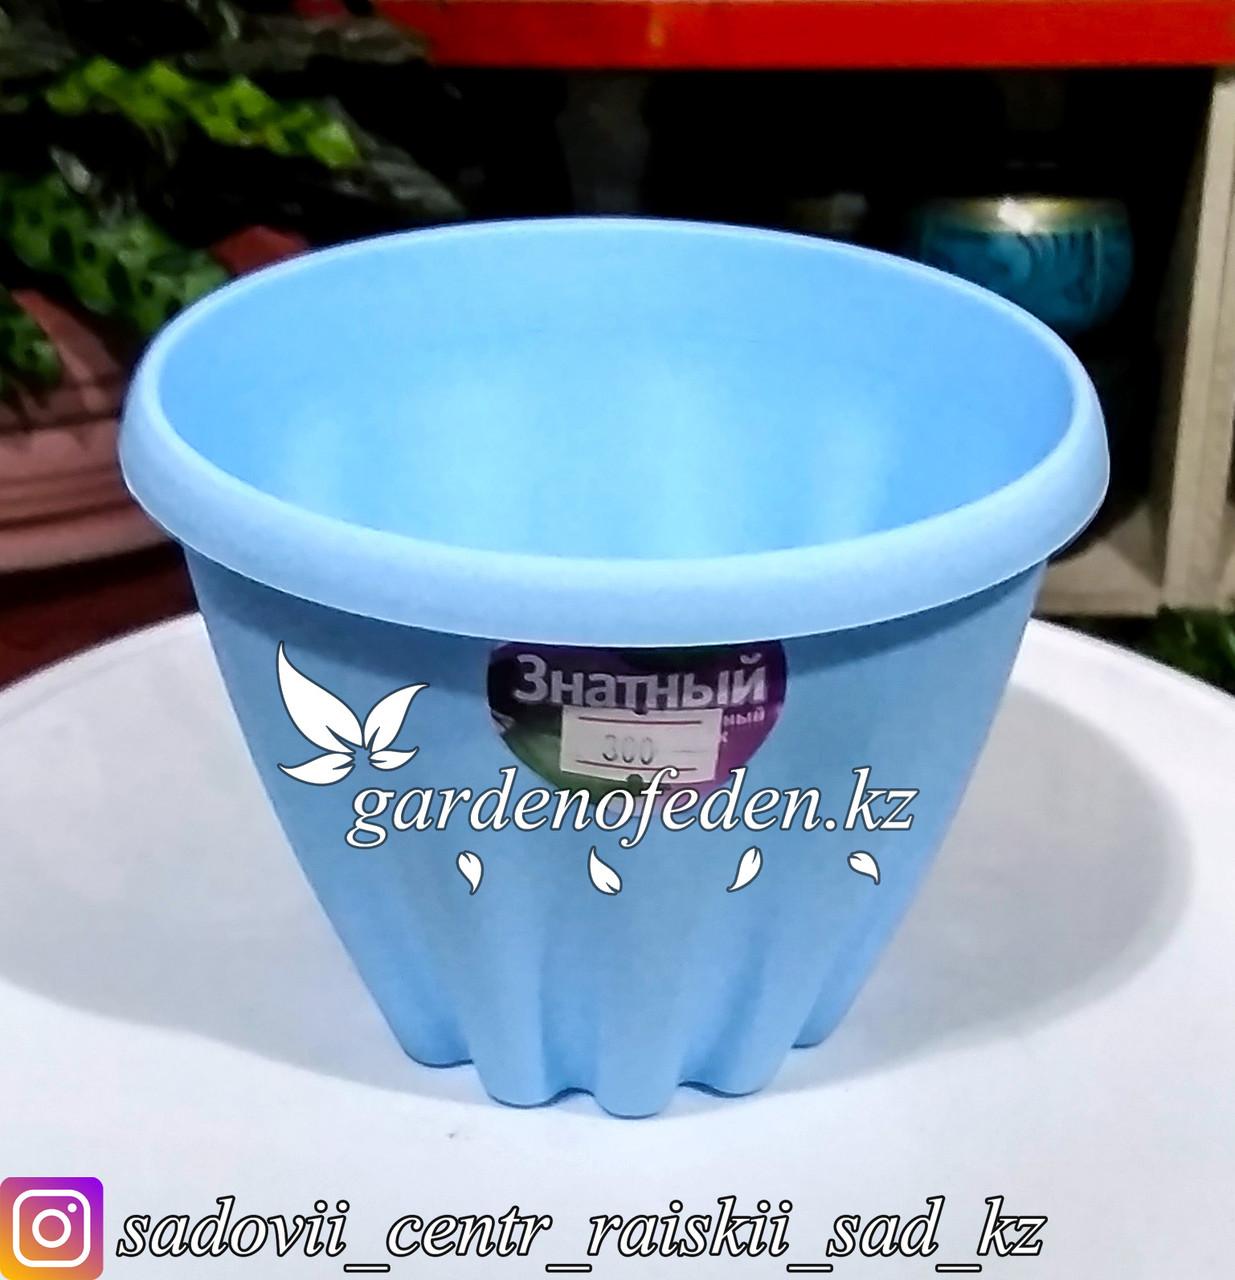 """Пластиковый горшок """"Знатный"""" для цветов. Объем: 1л. Цвет: Голубой."""